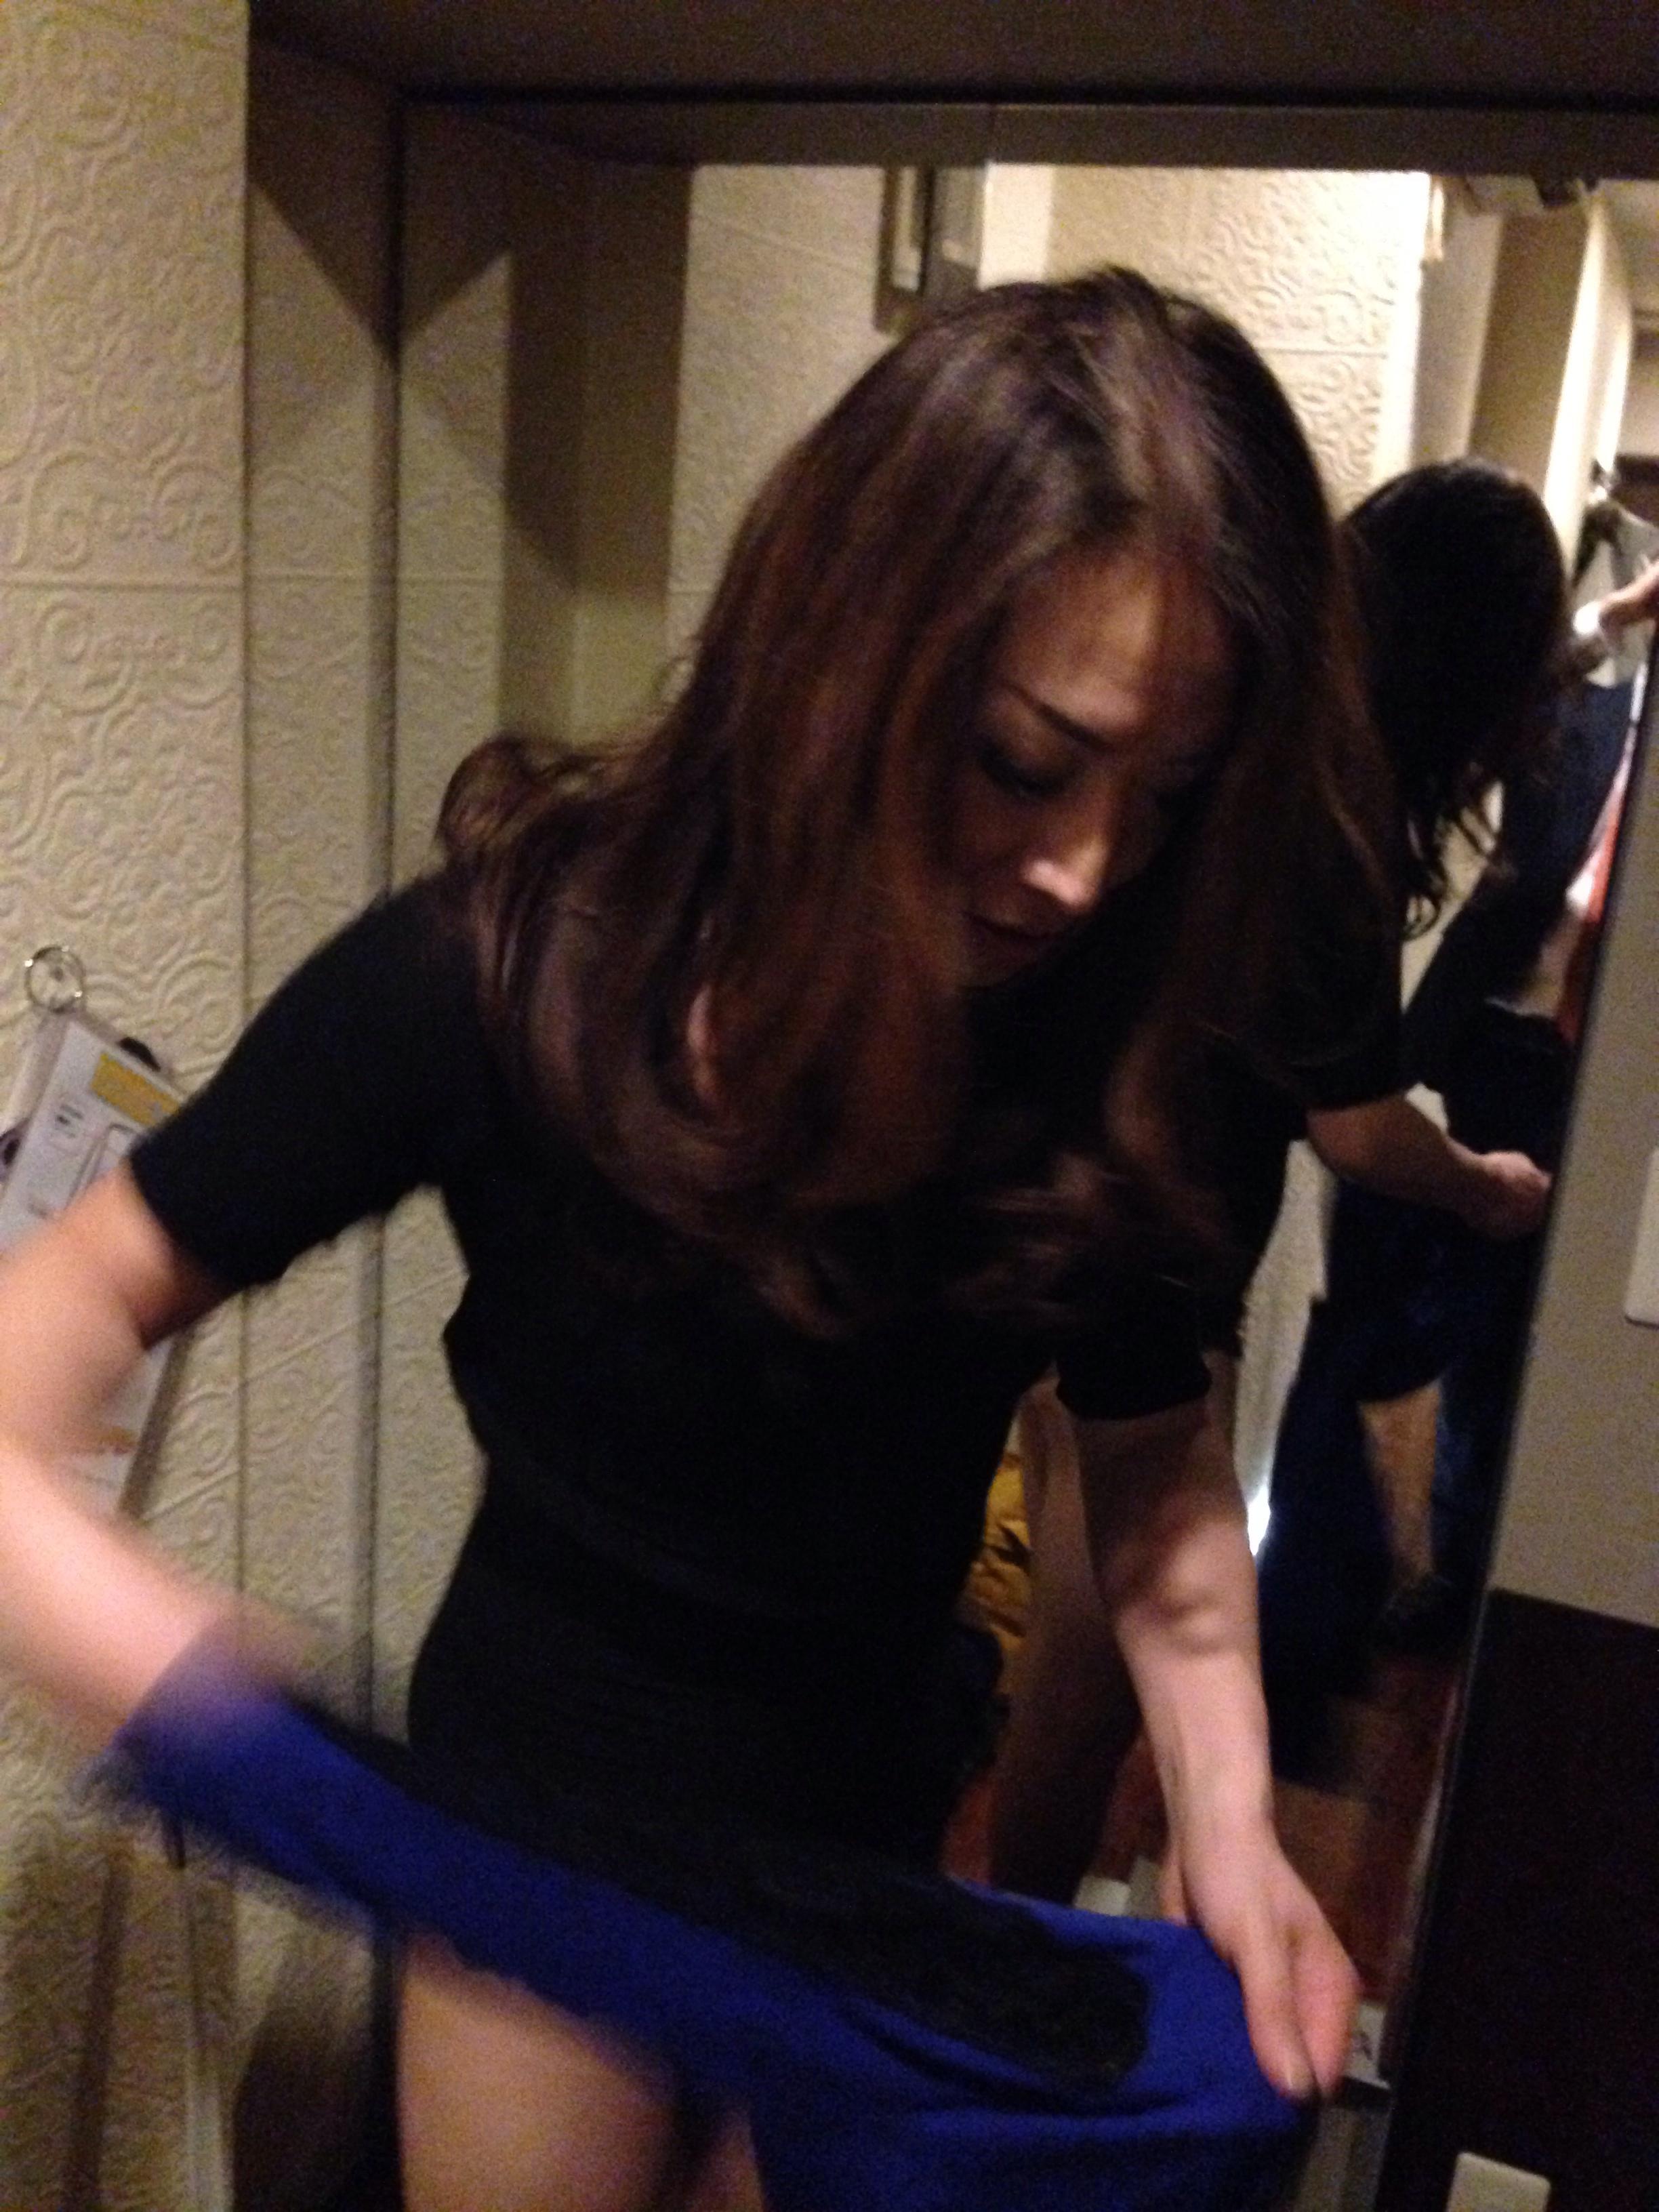 熟女NHヘルス孃マダム舞の袖振り合うも他生の縁|毎日 08:00~27:00 で営業しております。